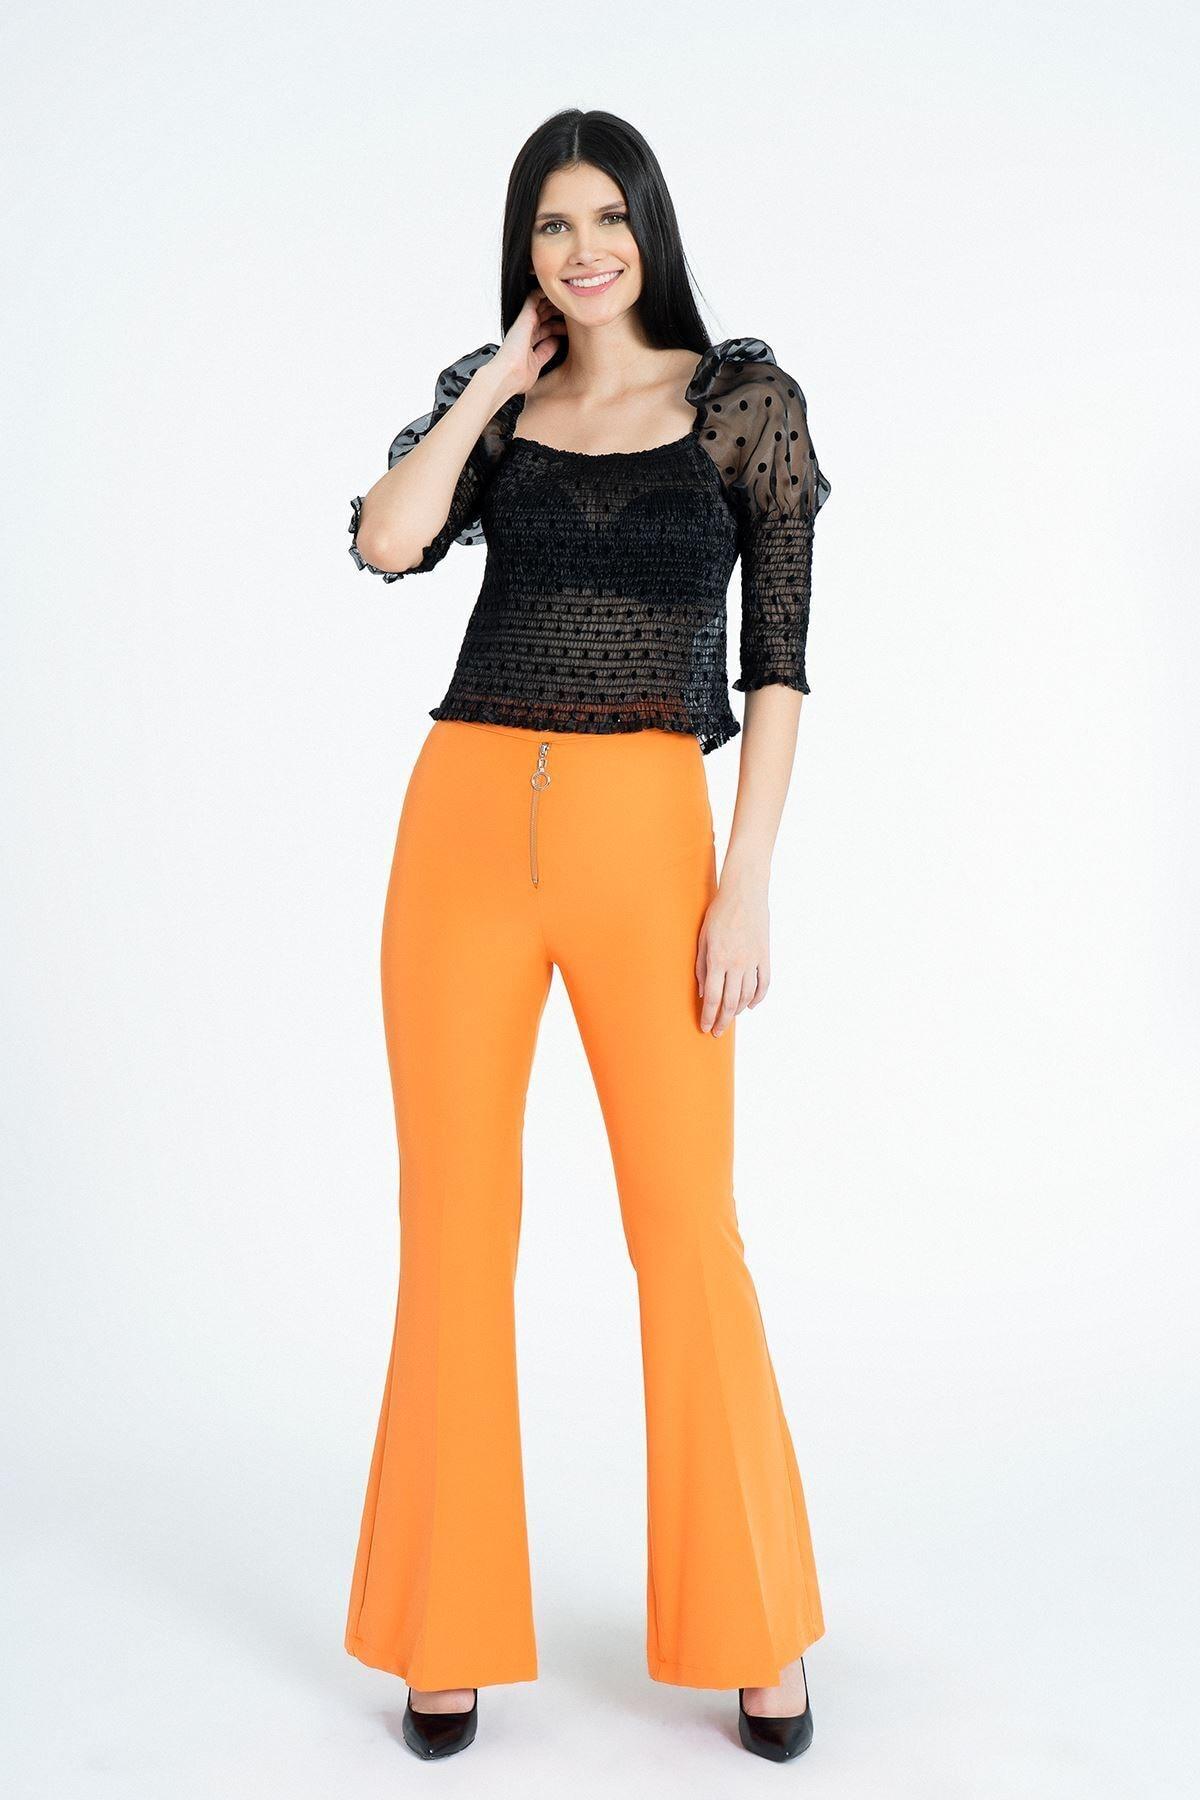 MissVina Kadın Oranj Metal Fermuarlı İspanyol Paça Pantolon Y3679 1